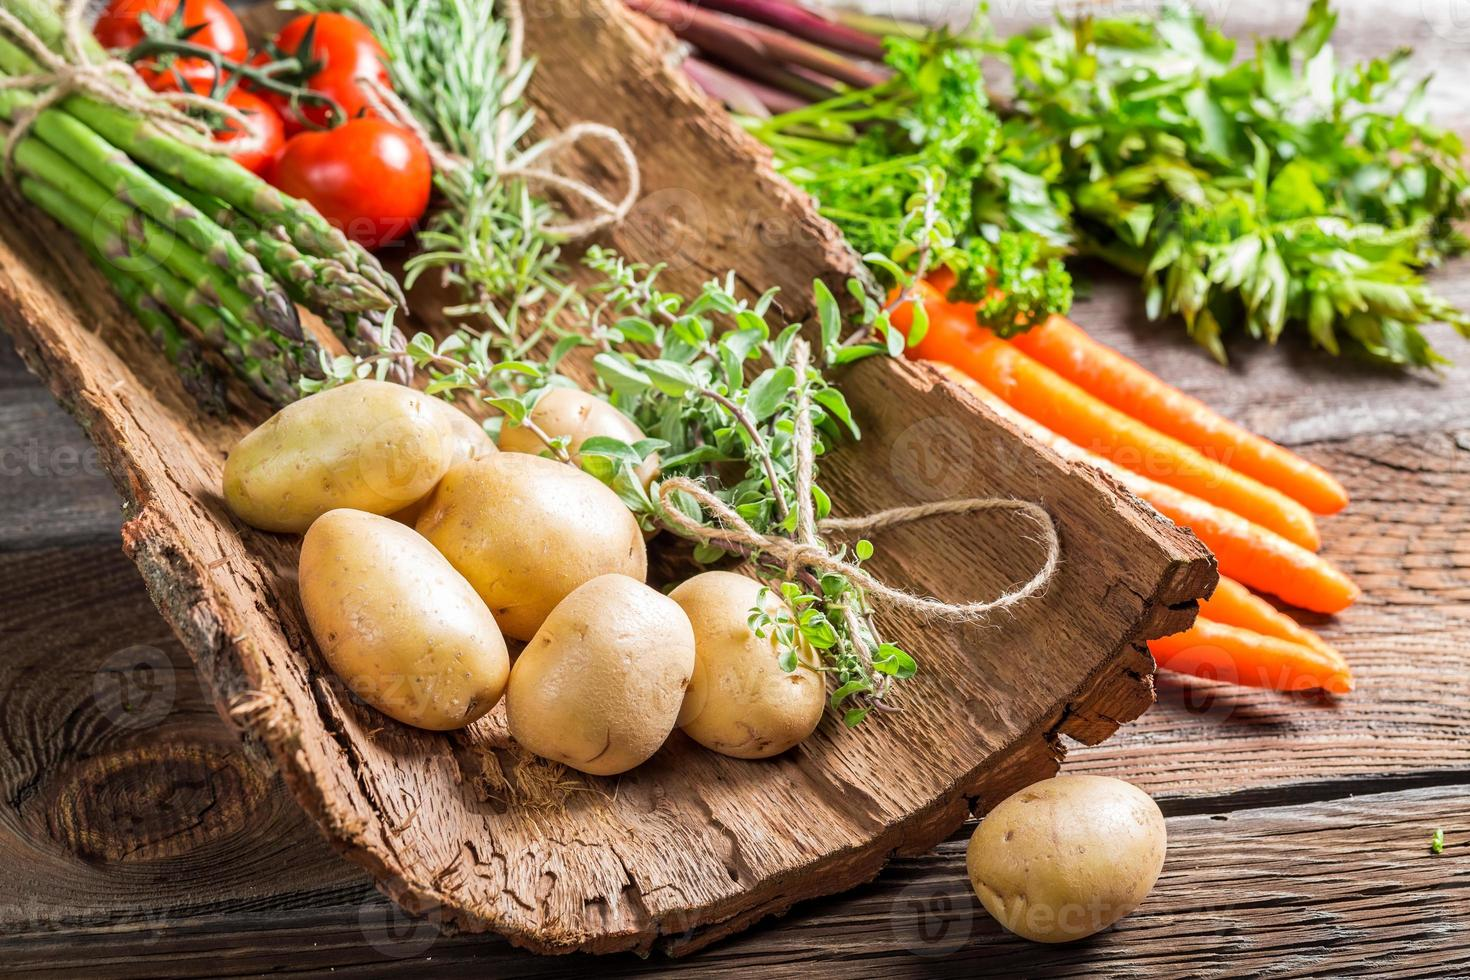 verschiedene frische Gemüse auf Rinde foto